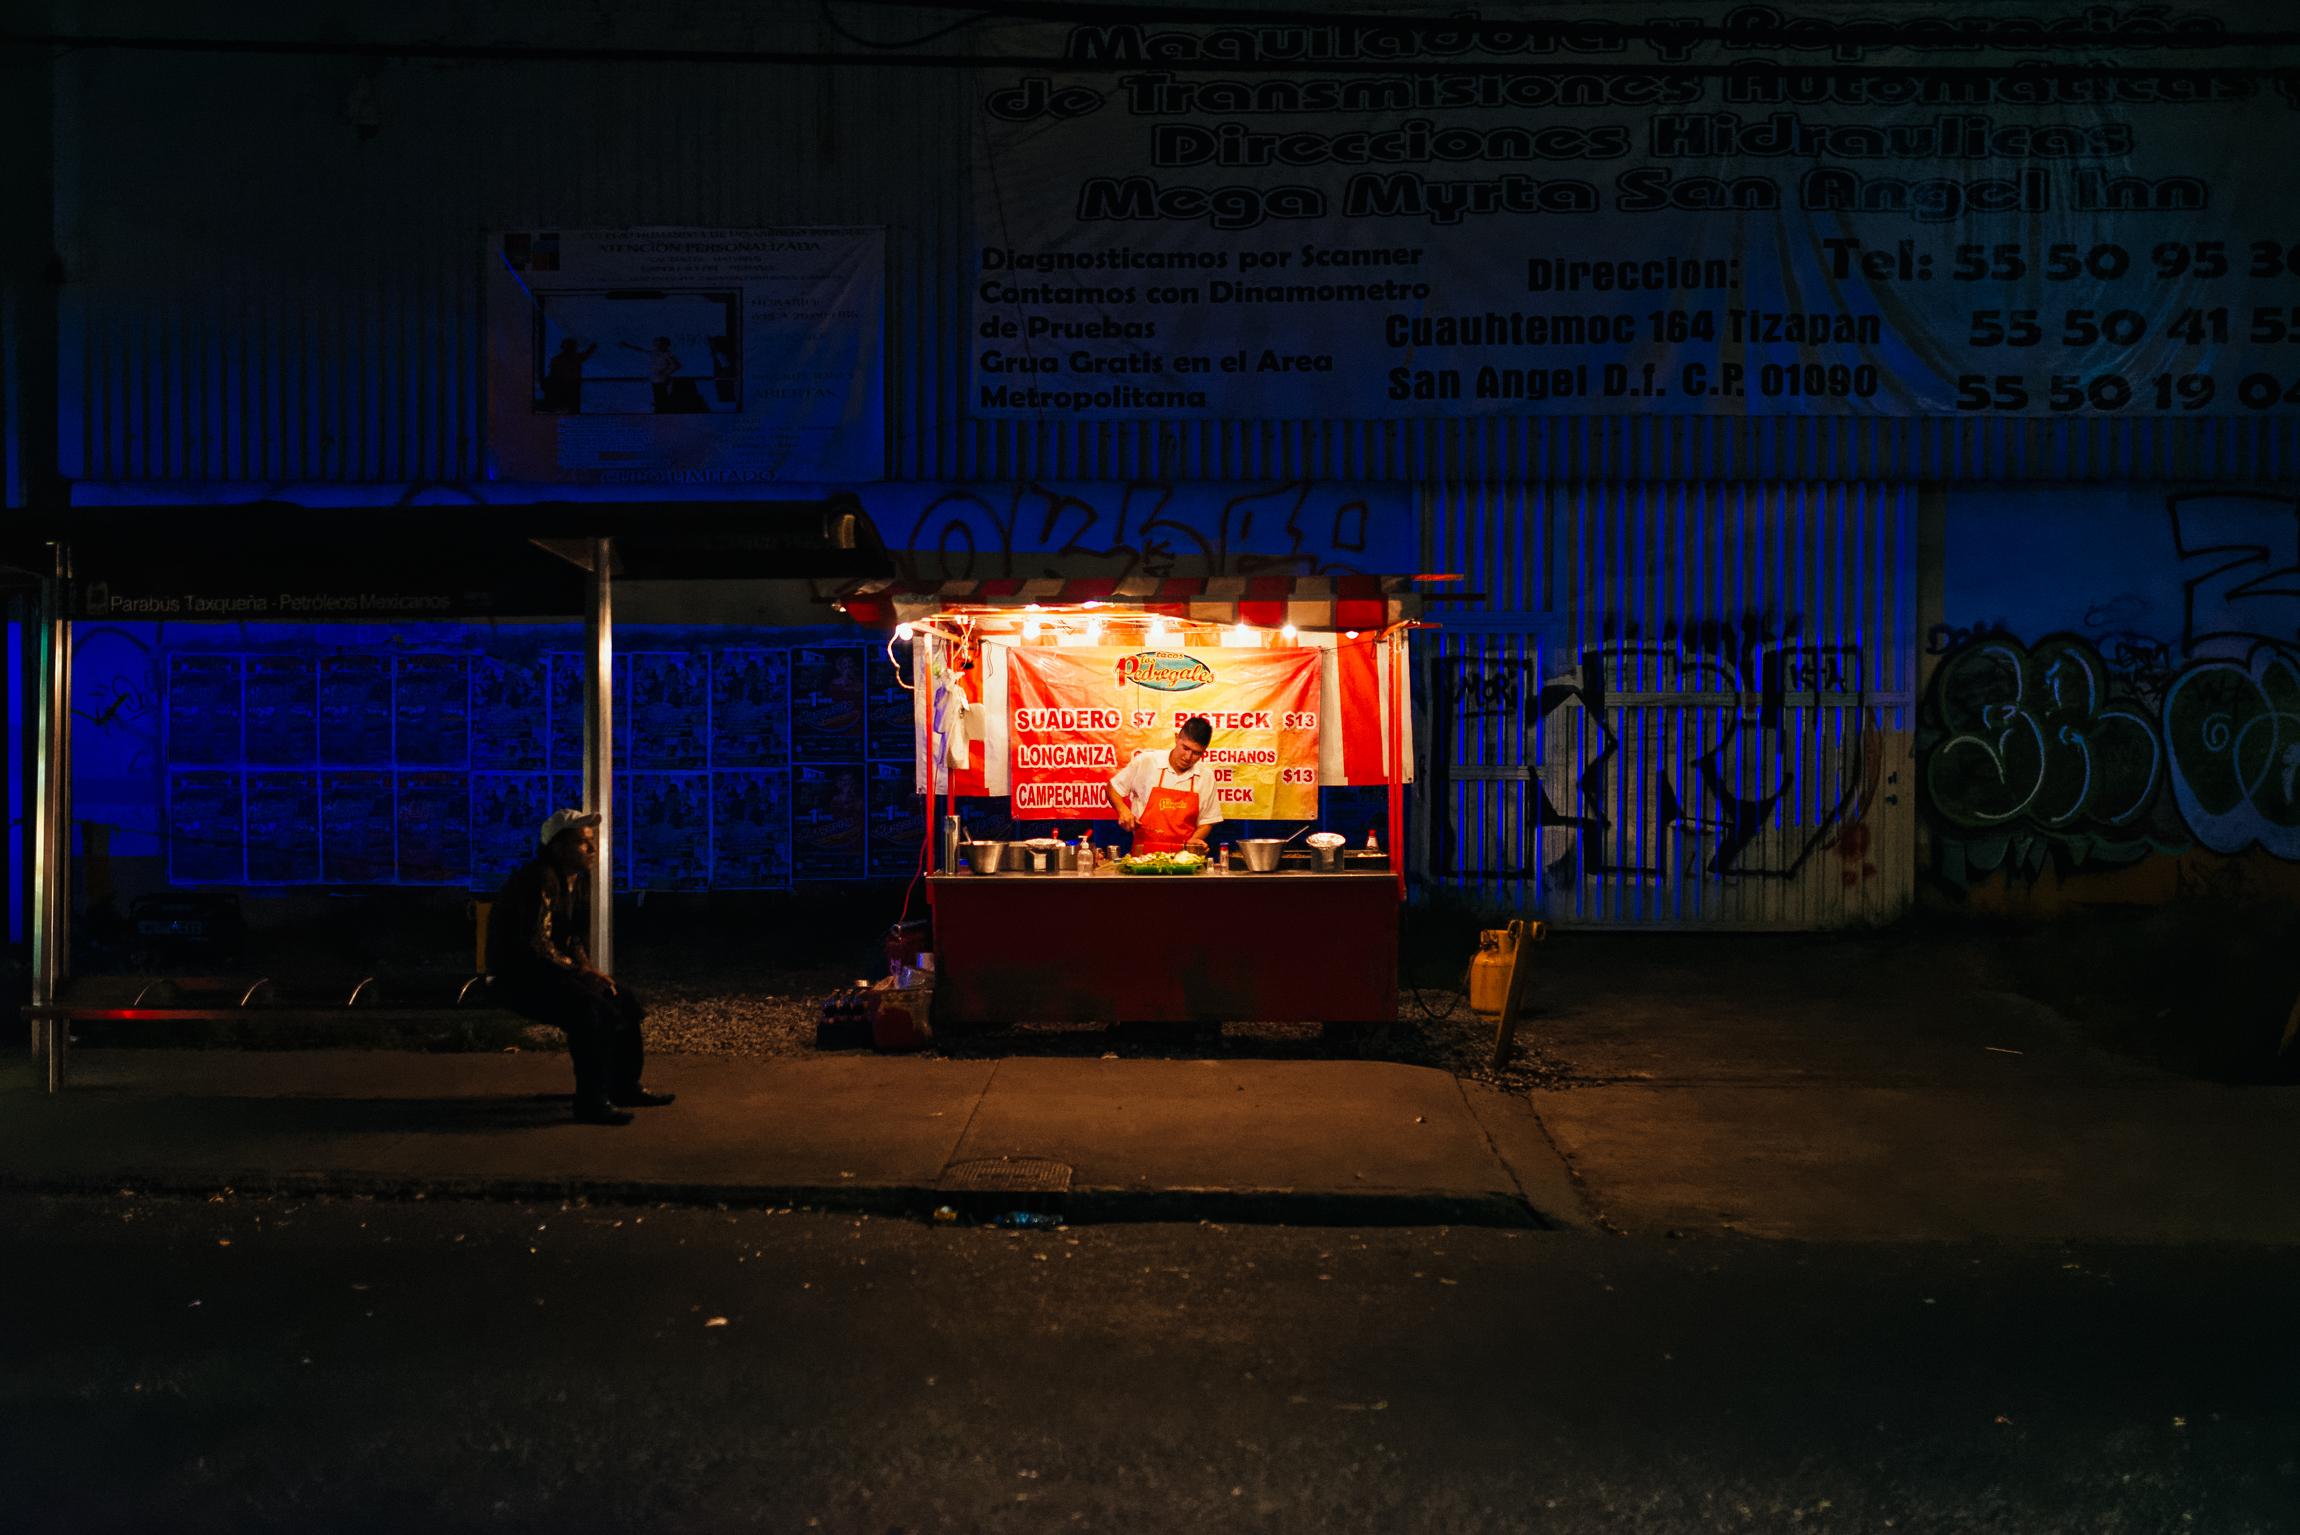 Taco Nocturno